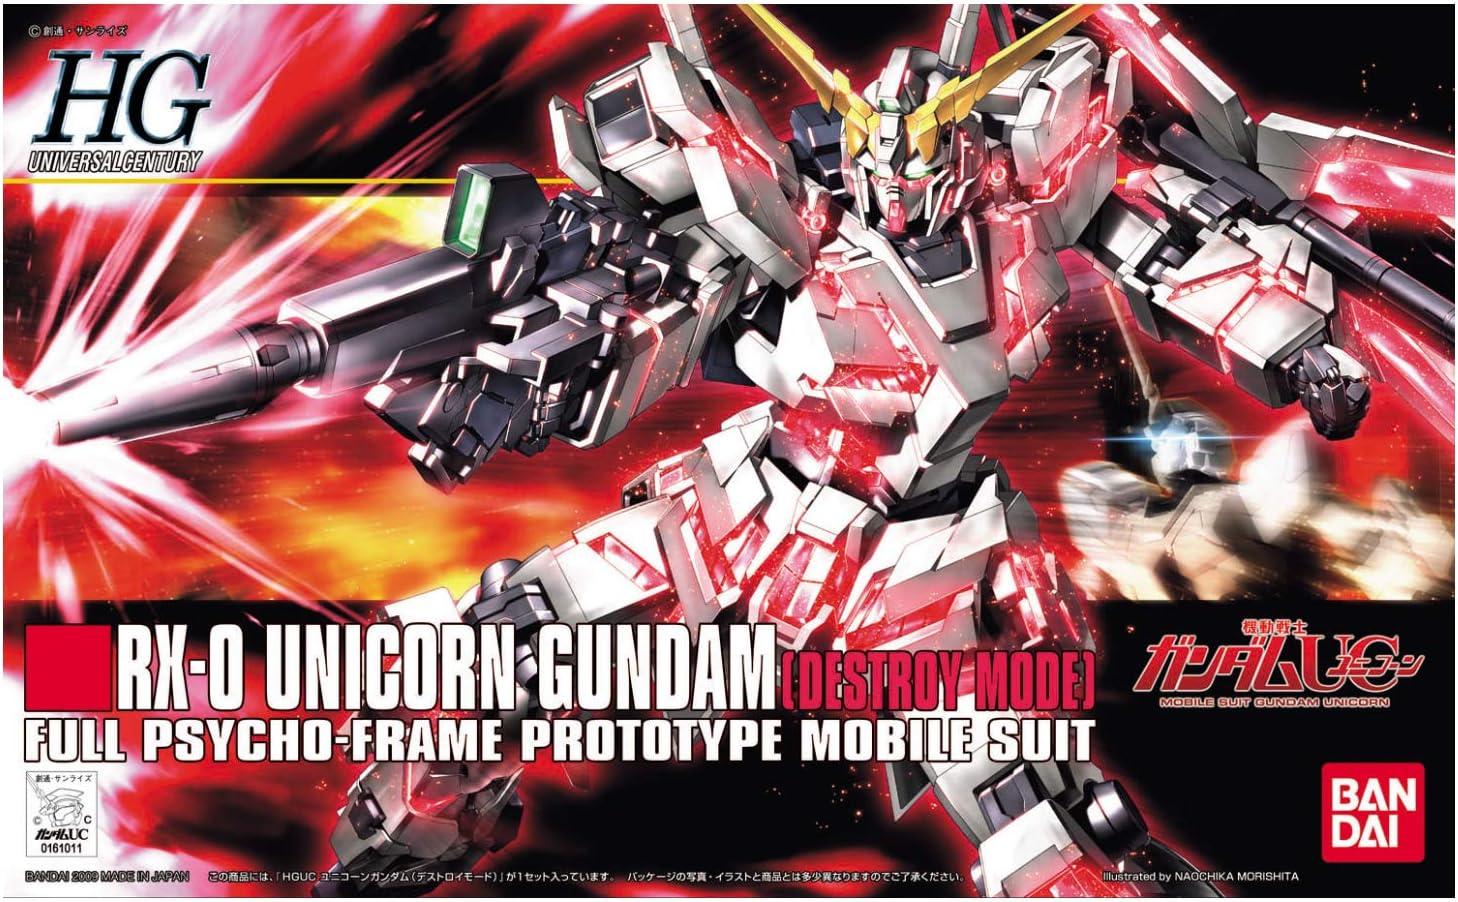 Unicorn Mode HGUC USA SELLER BANDAI HG Gundam UC 1//144 RX-0 Unicorn Gundam